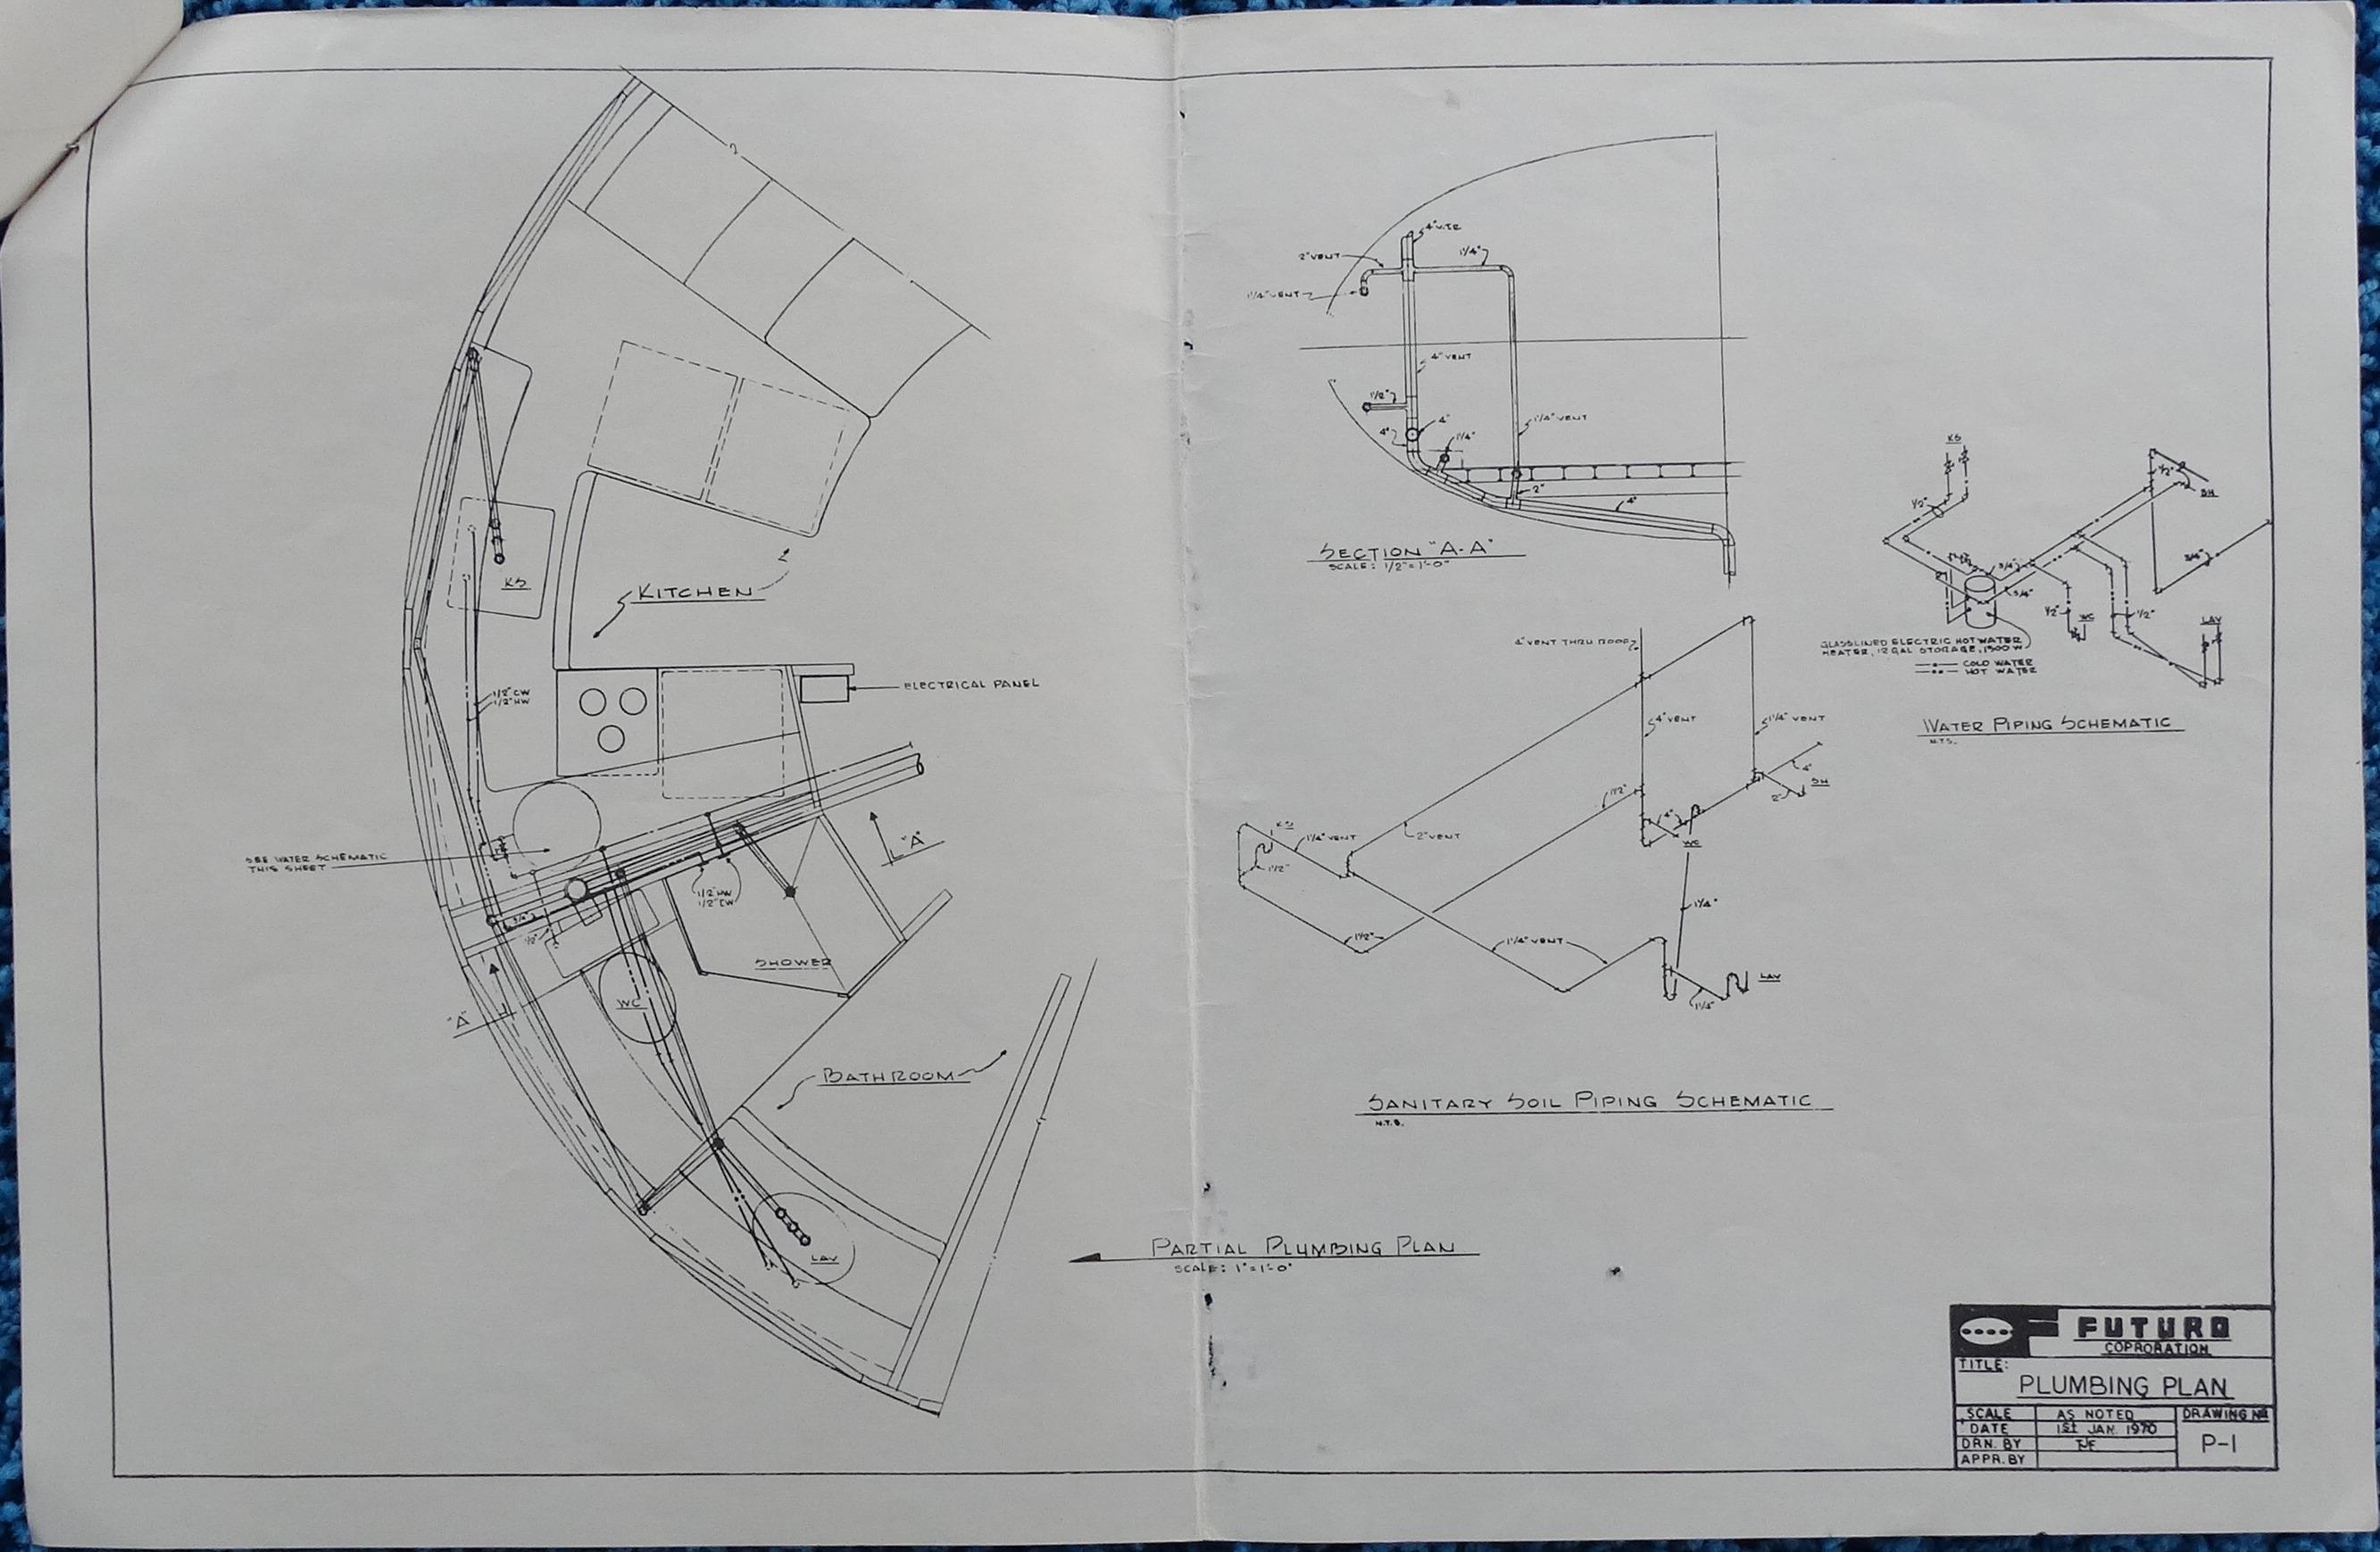 Futuro II - Plans - Plumbing Plan - P-1 - 010170